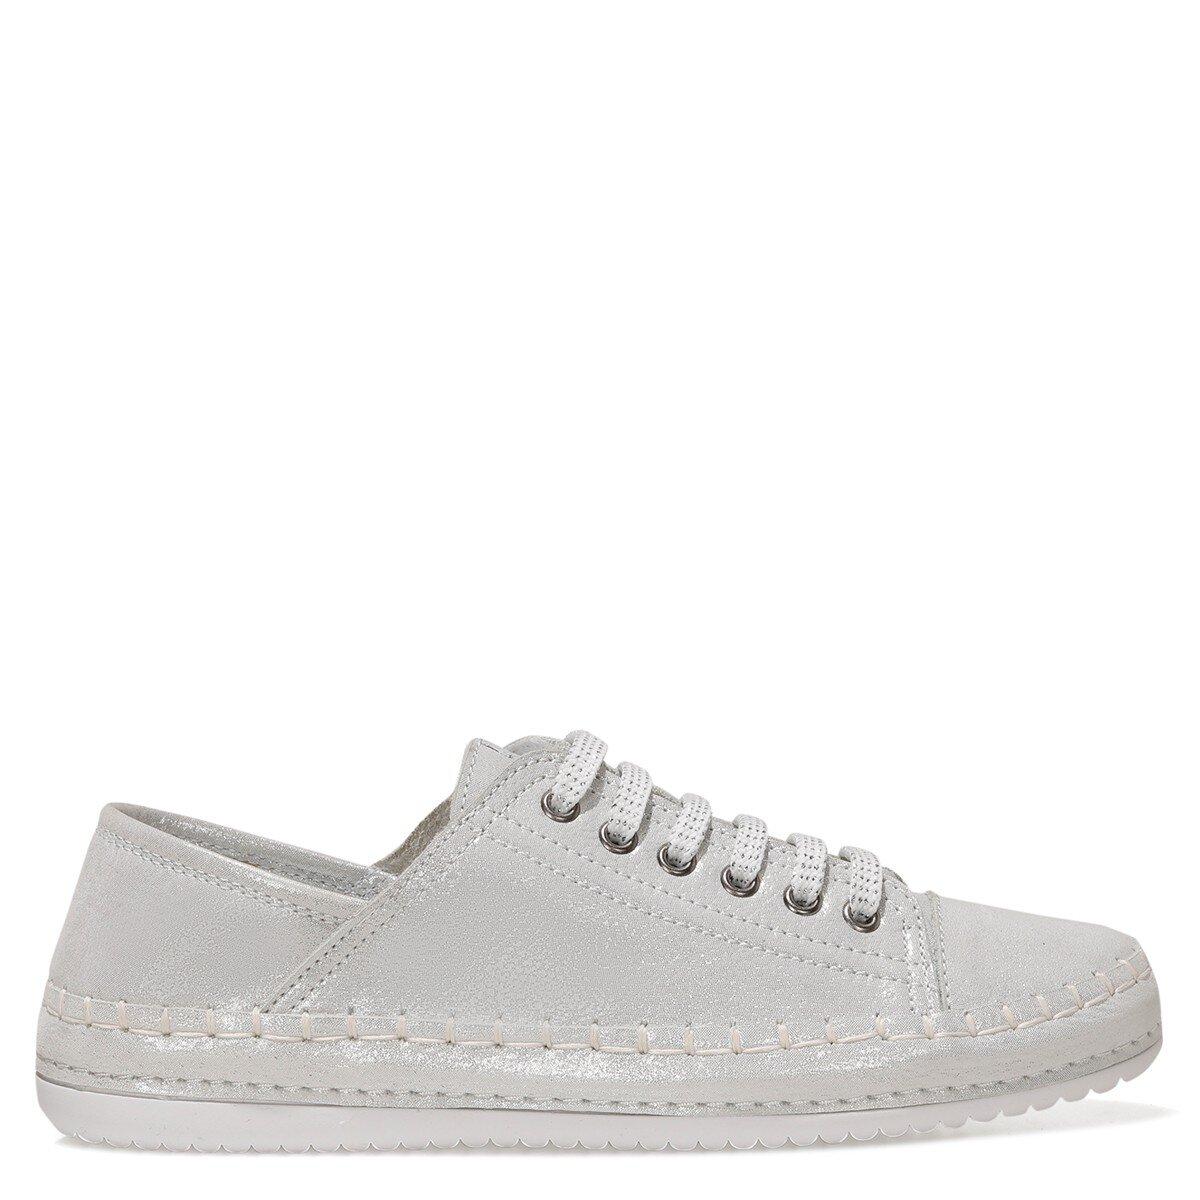 MATISSE2 1FX Gümüş Kadın Günlük Ayakkabı